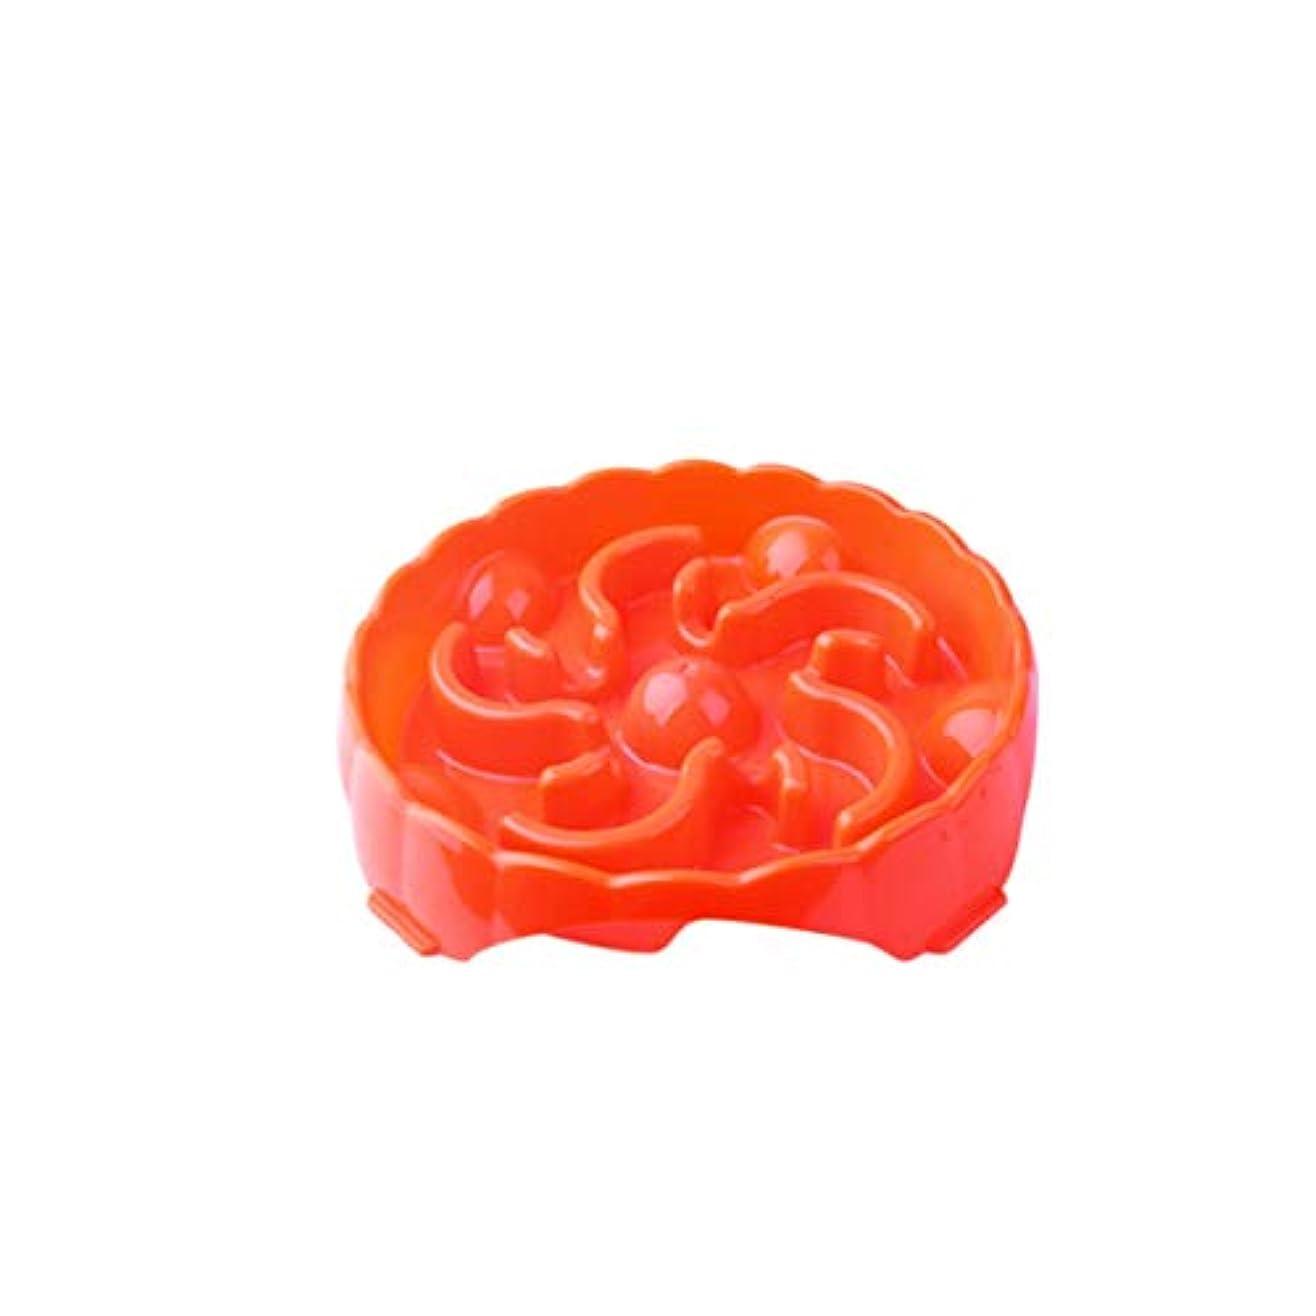 建てる不足前件Xian ペットスローフードボウル、ぬいぐるみボウル、犬ポット、猫ポット、犬のボウル、猫のボウル、猫の食器ボウル、犬の食器ボウル、犬の飲み物の泉、猫のライスボウル、小型フードディッシュ、オレンジ Easy to Clean Non-Skid Bowls for Dogs (Color : Orange)